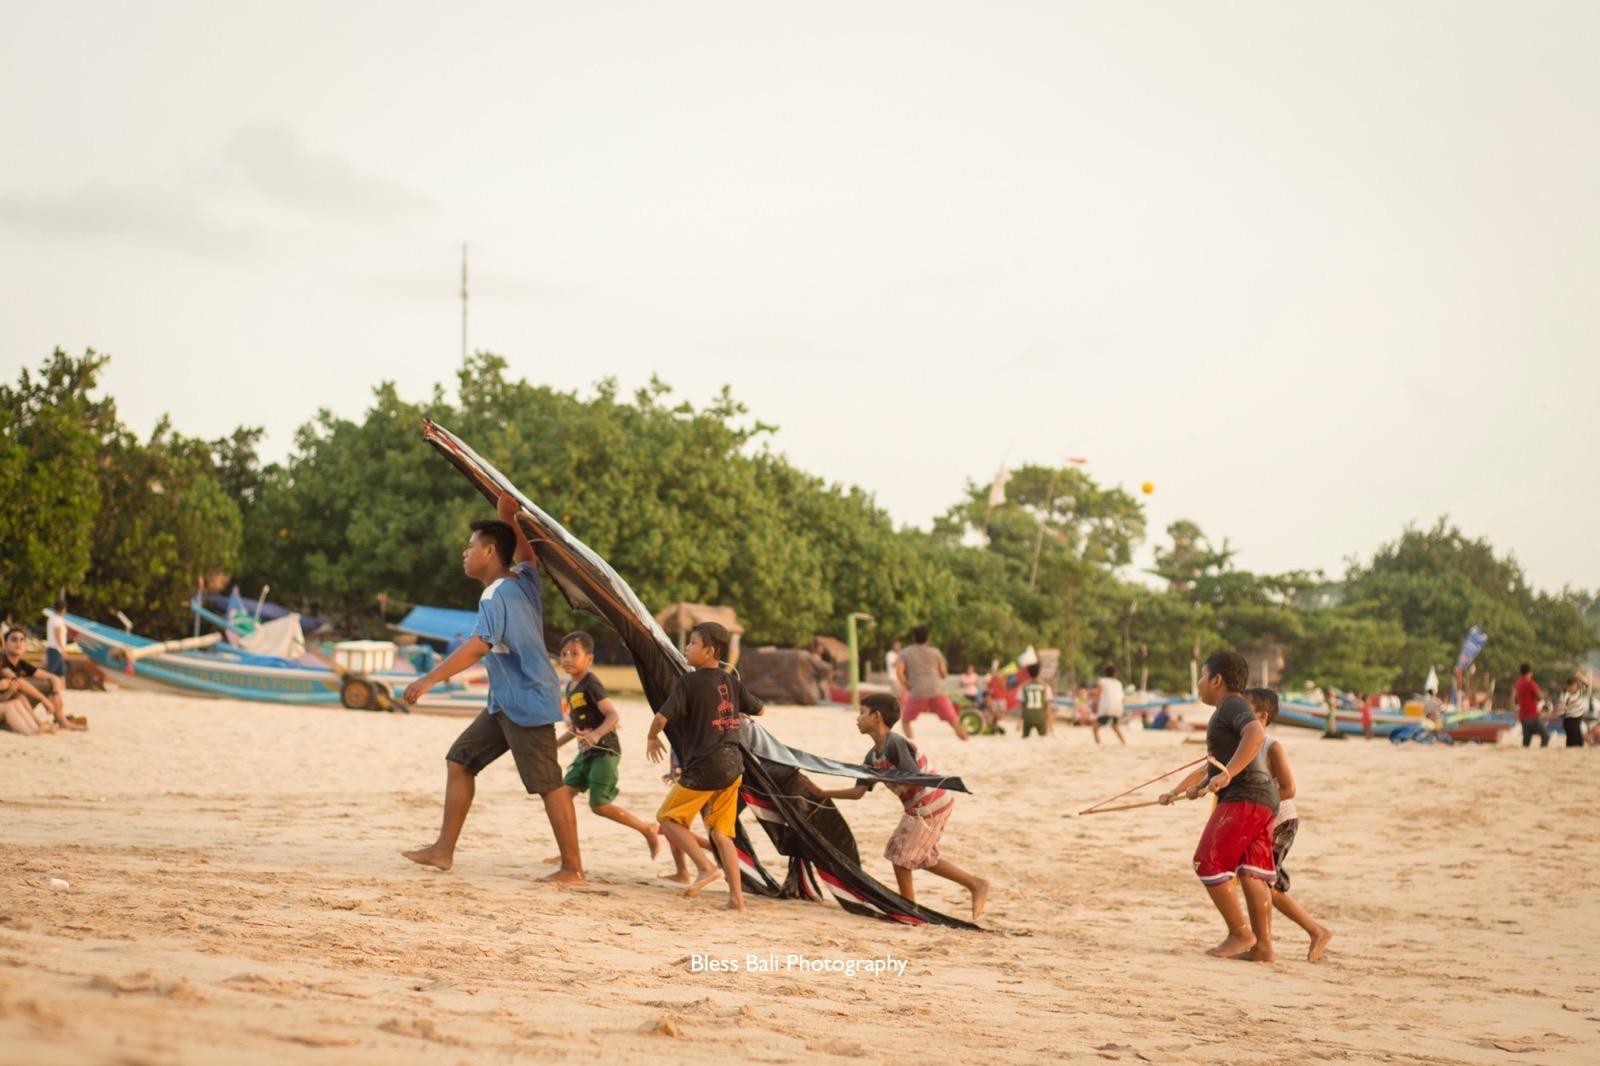 タコで遊ぶバリの子供達